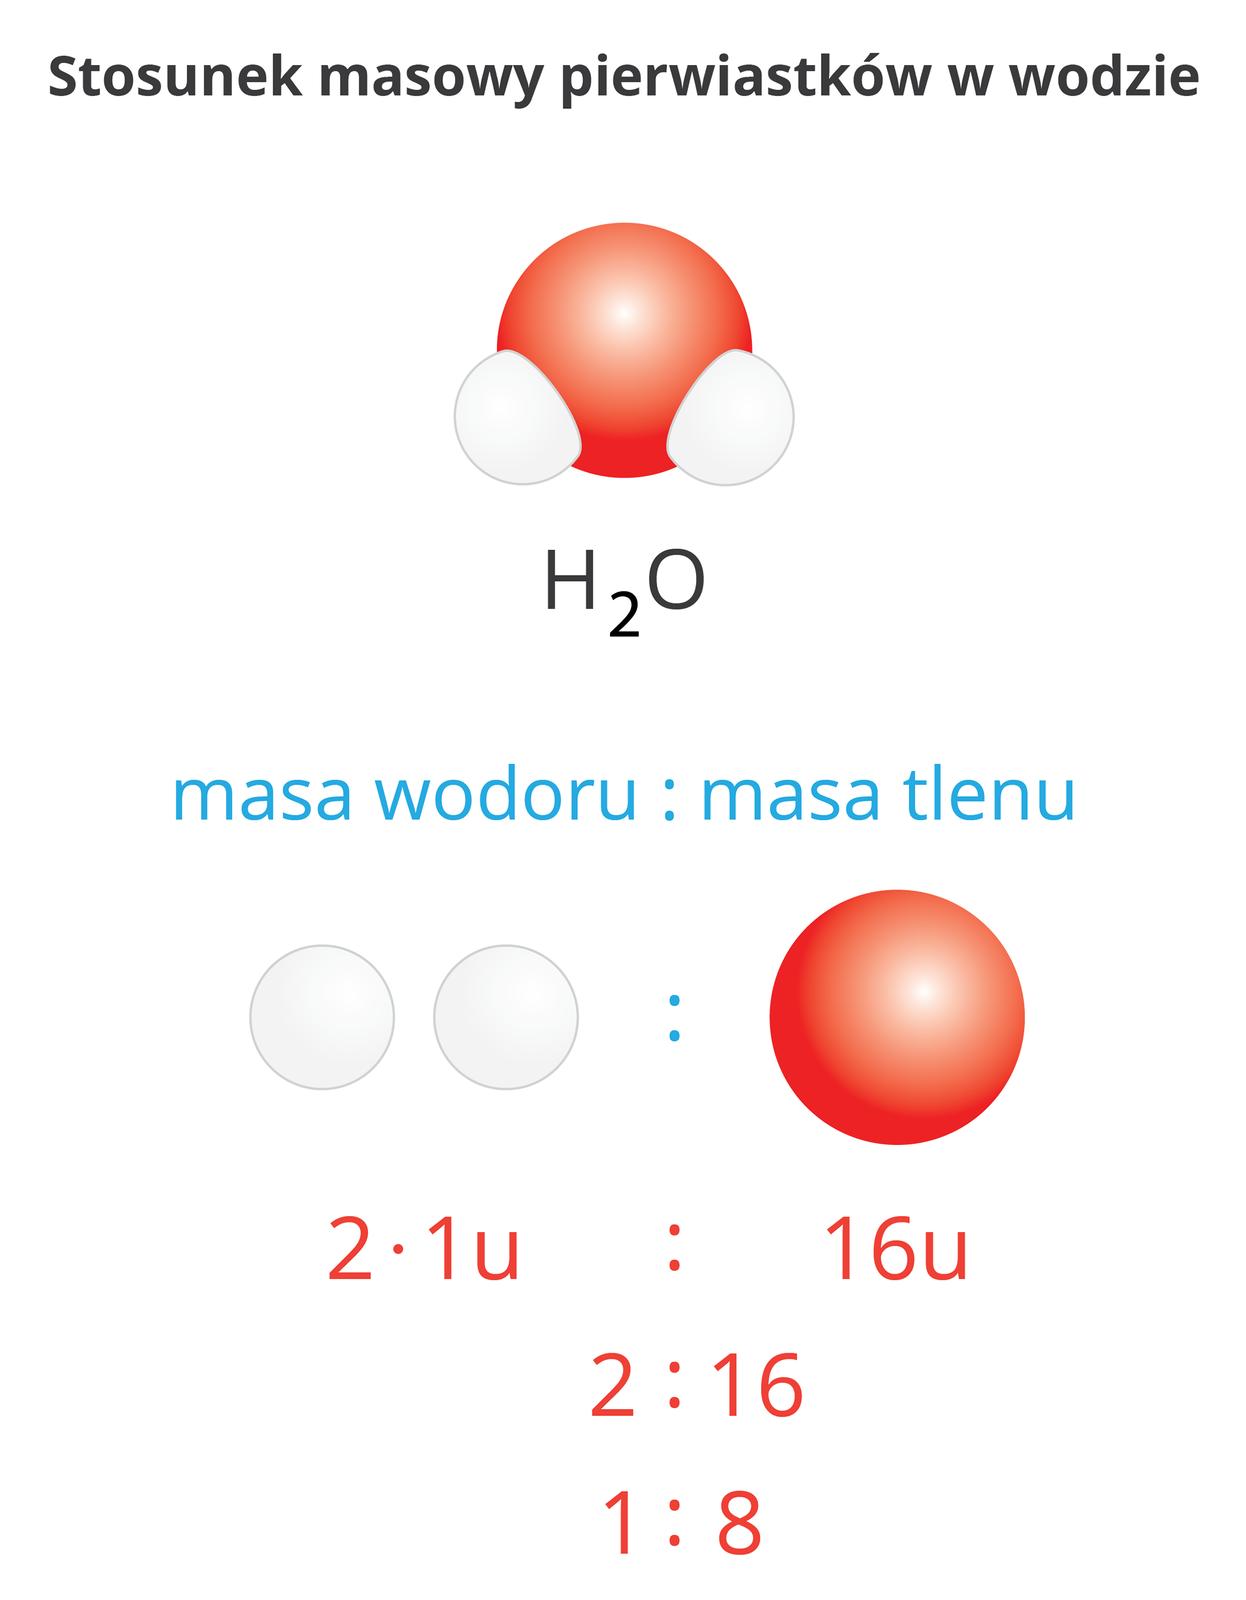 Ilustracja przedstawia obliczanie stosunku masowego pierwiastków dla wody. Wgórnej jej części znajduje się rysunek modelu cząsteczki wody ijej wzór sumaryczny. Poniżej znajduje się wyróżniona kolorem niebieskim informacja, że wprzypadku tej cząsteczki stosunkiem będzie proporcja masy wodoru do masy tlenu. Obliczenia wyglądają następująco: dwa razy jeden unit do szesnastu unitów to proporcja dwa do szesnastu, czyli jeden do ośmiu.